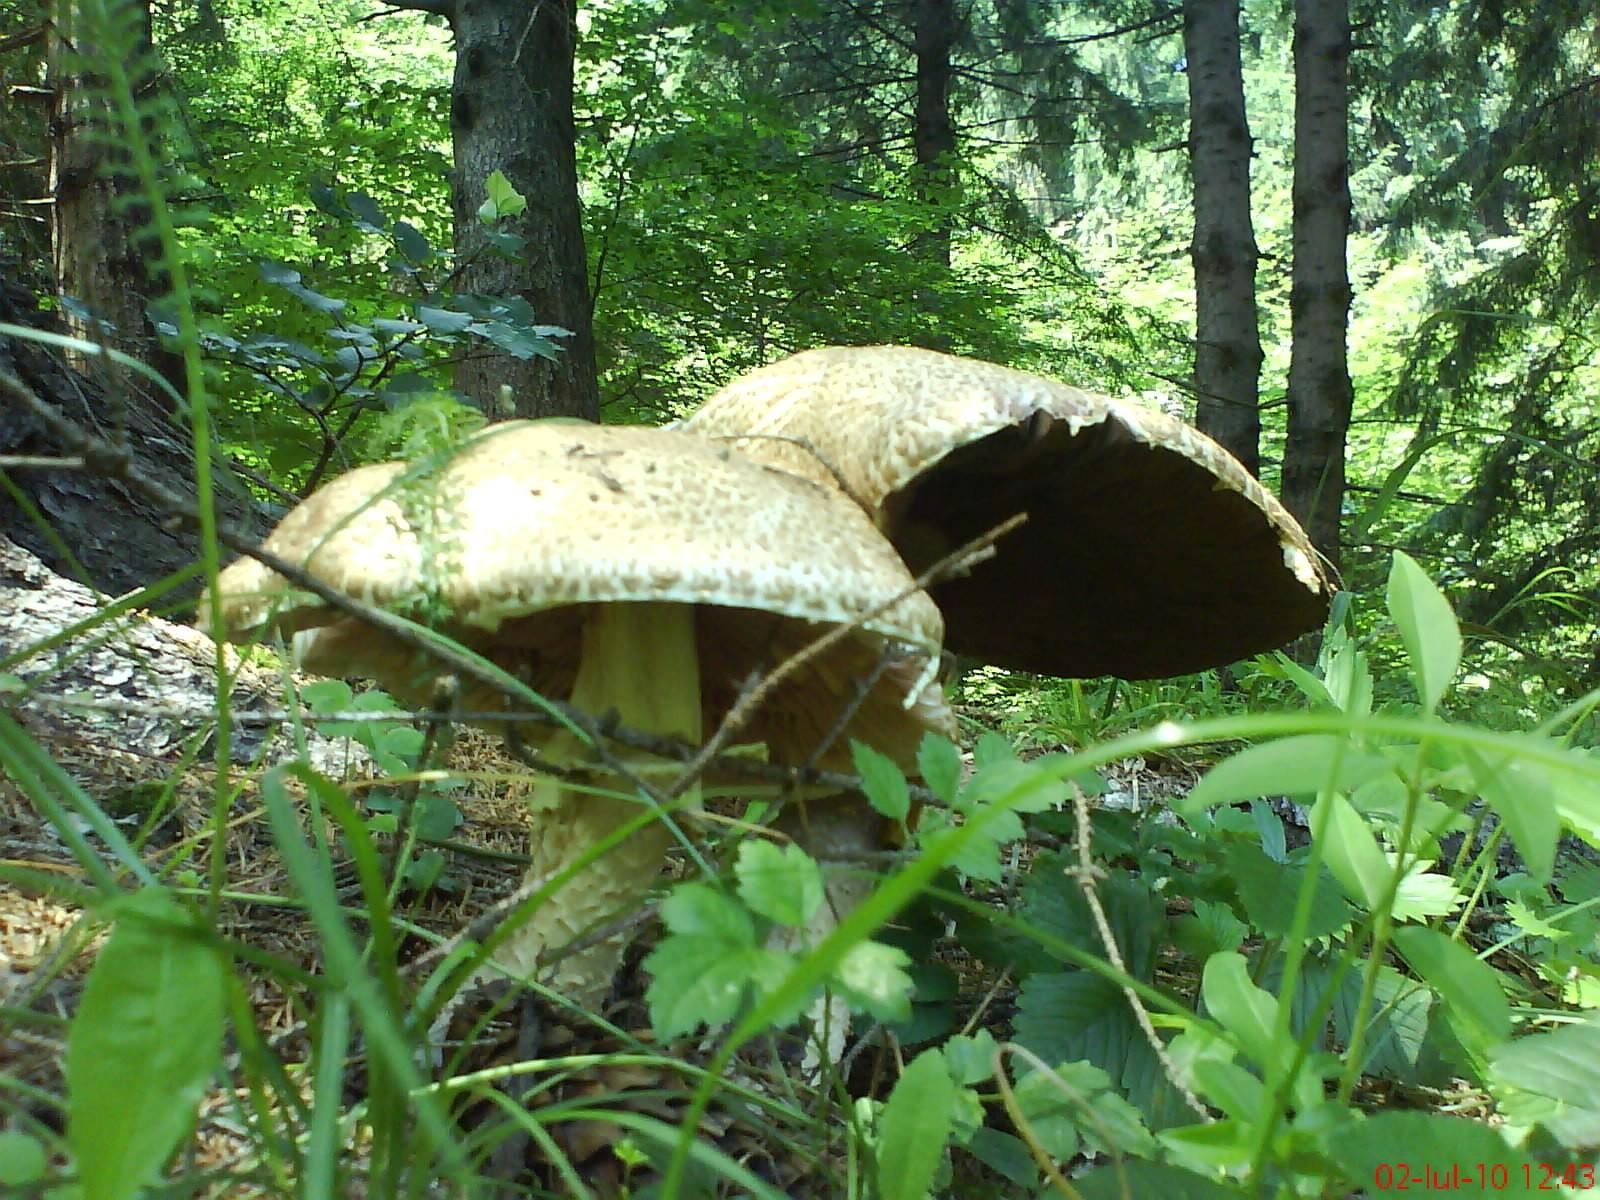 ciupercile sunt paraziți umani